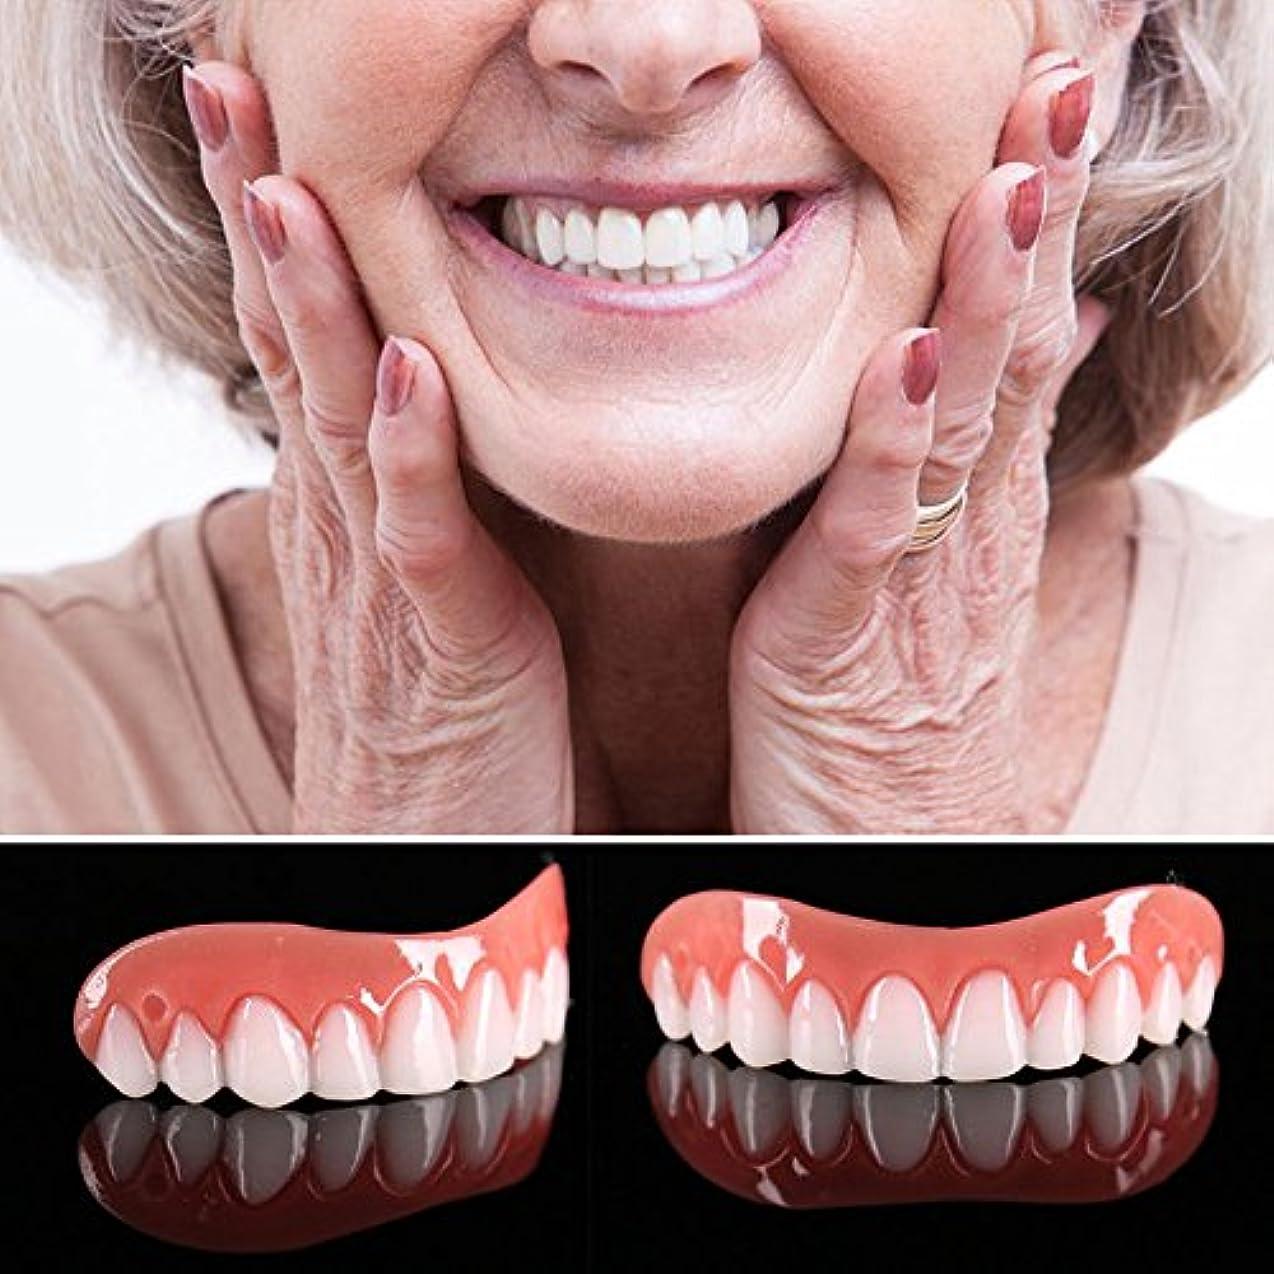 鮮やかな満了キャリア5ピースアッパーフェイク歯科用ベニアコンフォートフィット歯トップ化粧品ベニアワンサイズフィットすべての義歯接着剤歯偽義歯歯笑顔